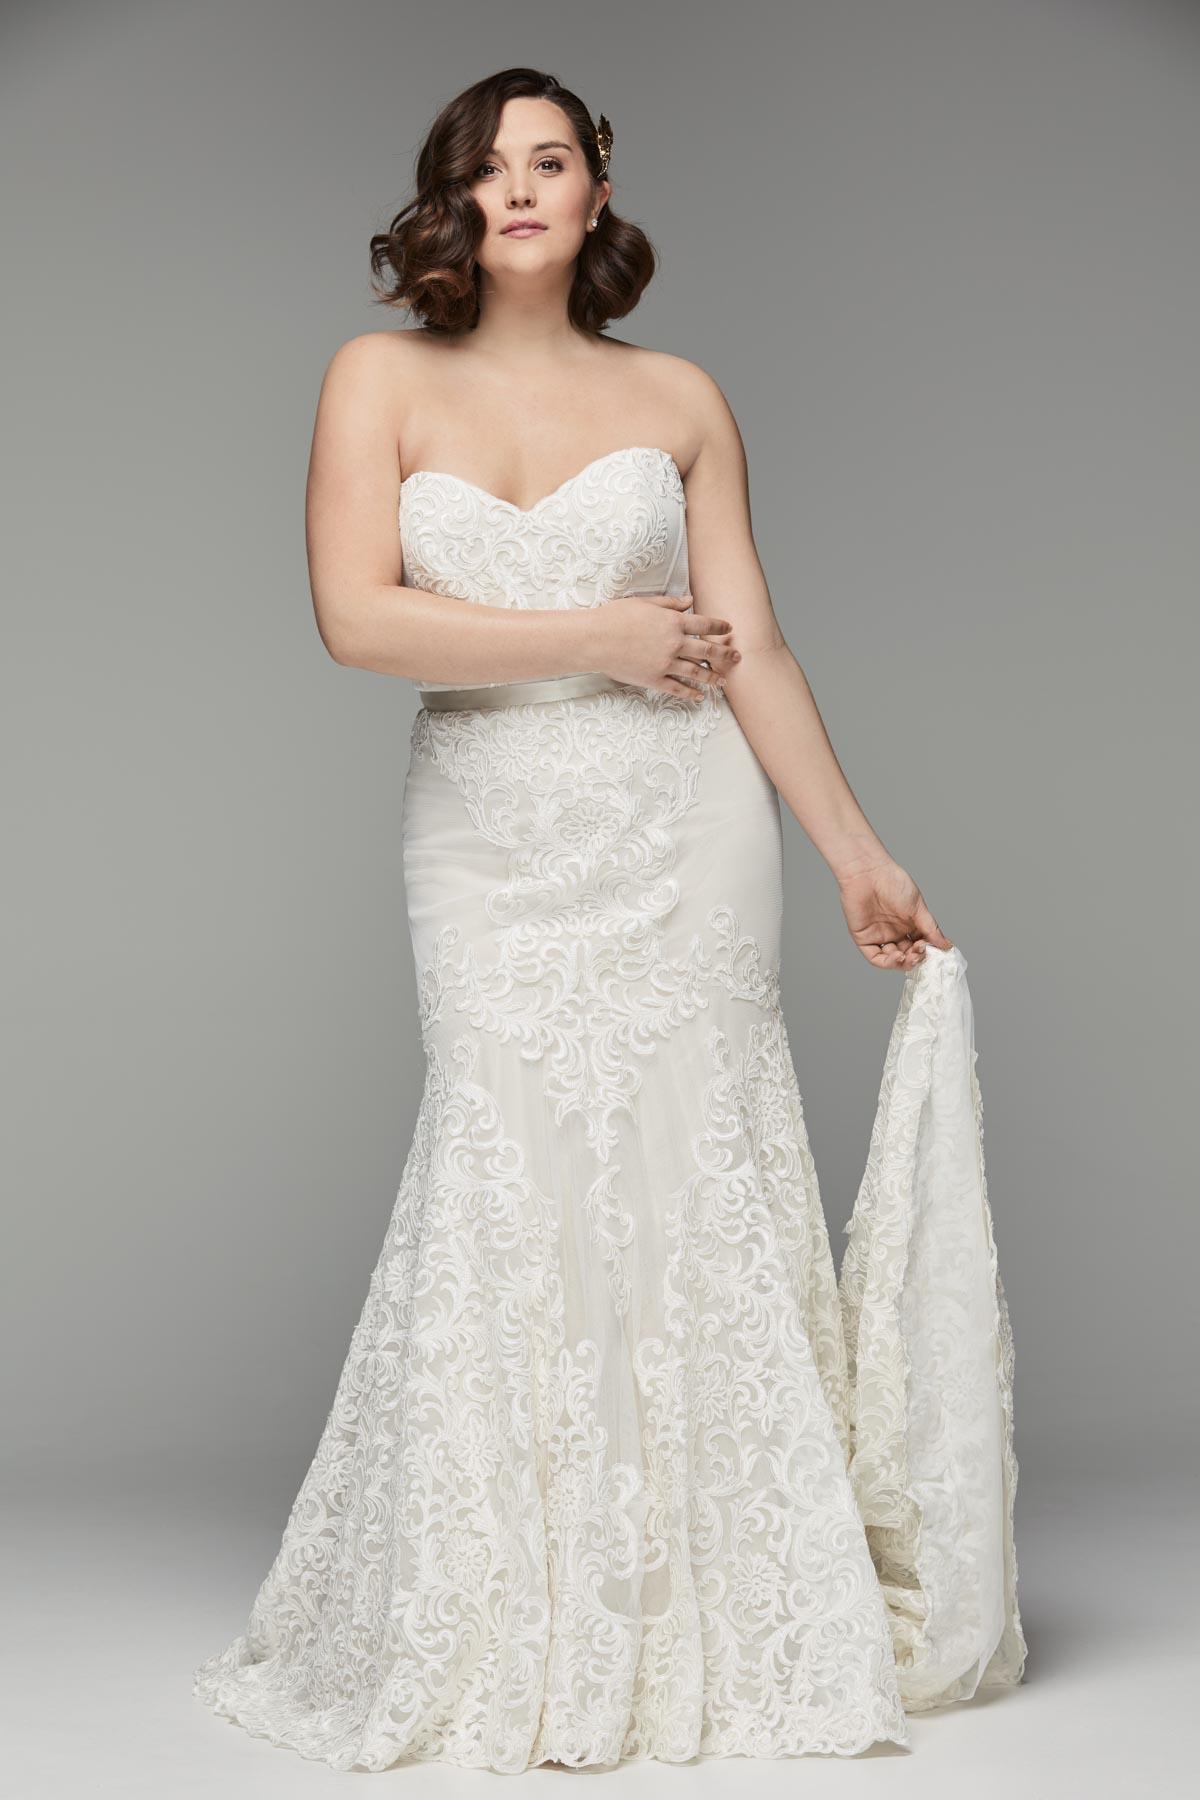 Plus-size Designer Wedding Gowns In San Diego